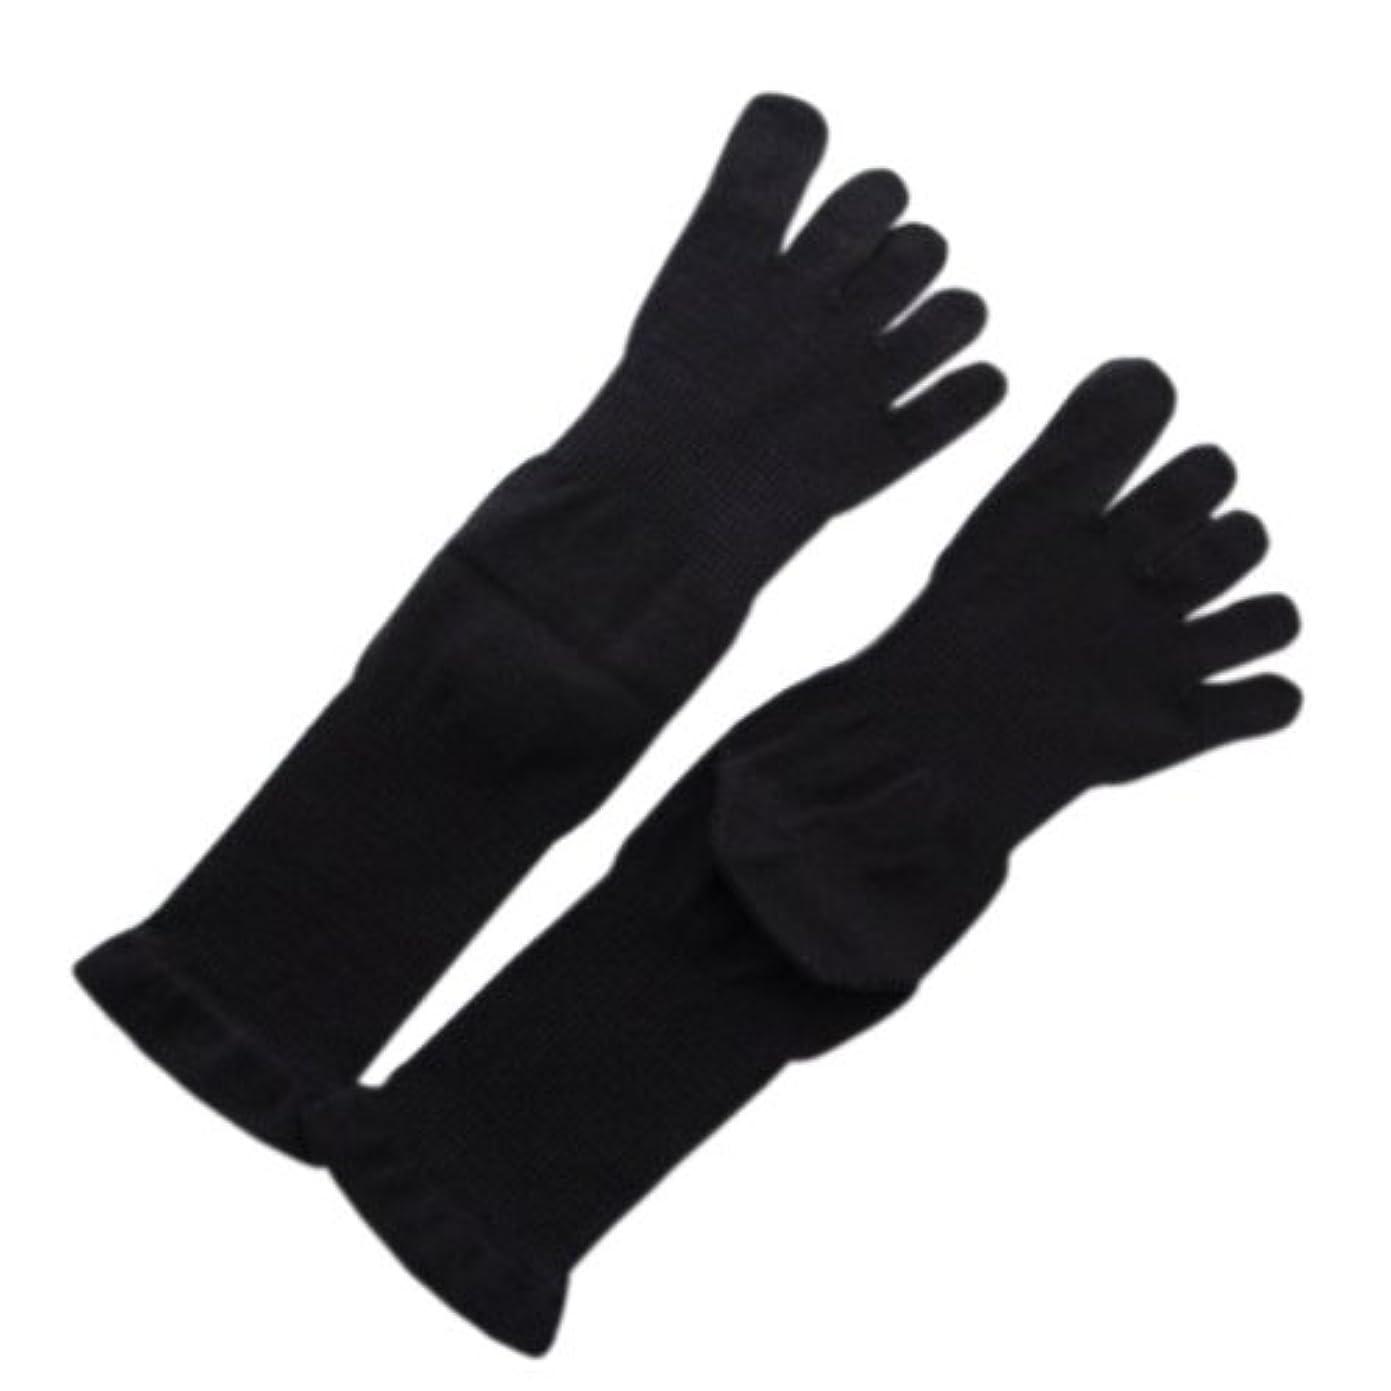 例示する無限大靴5本指薄手ソックス 黒M:オーガニックコットン100%足首を締め付けないソックス!